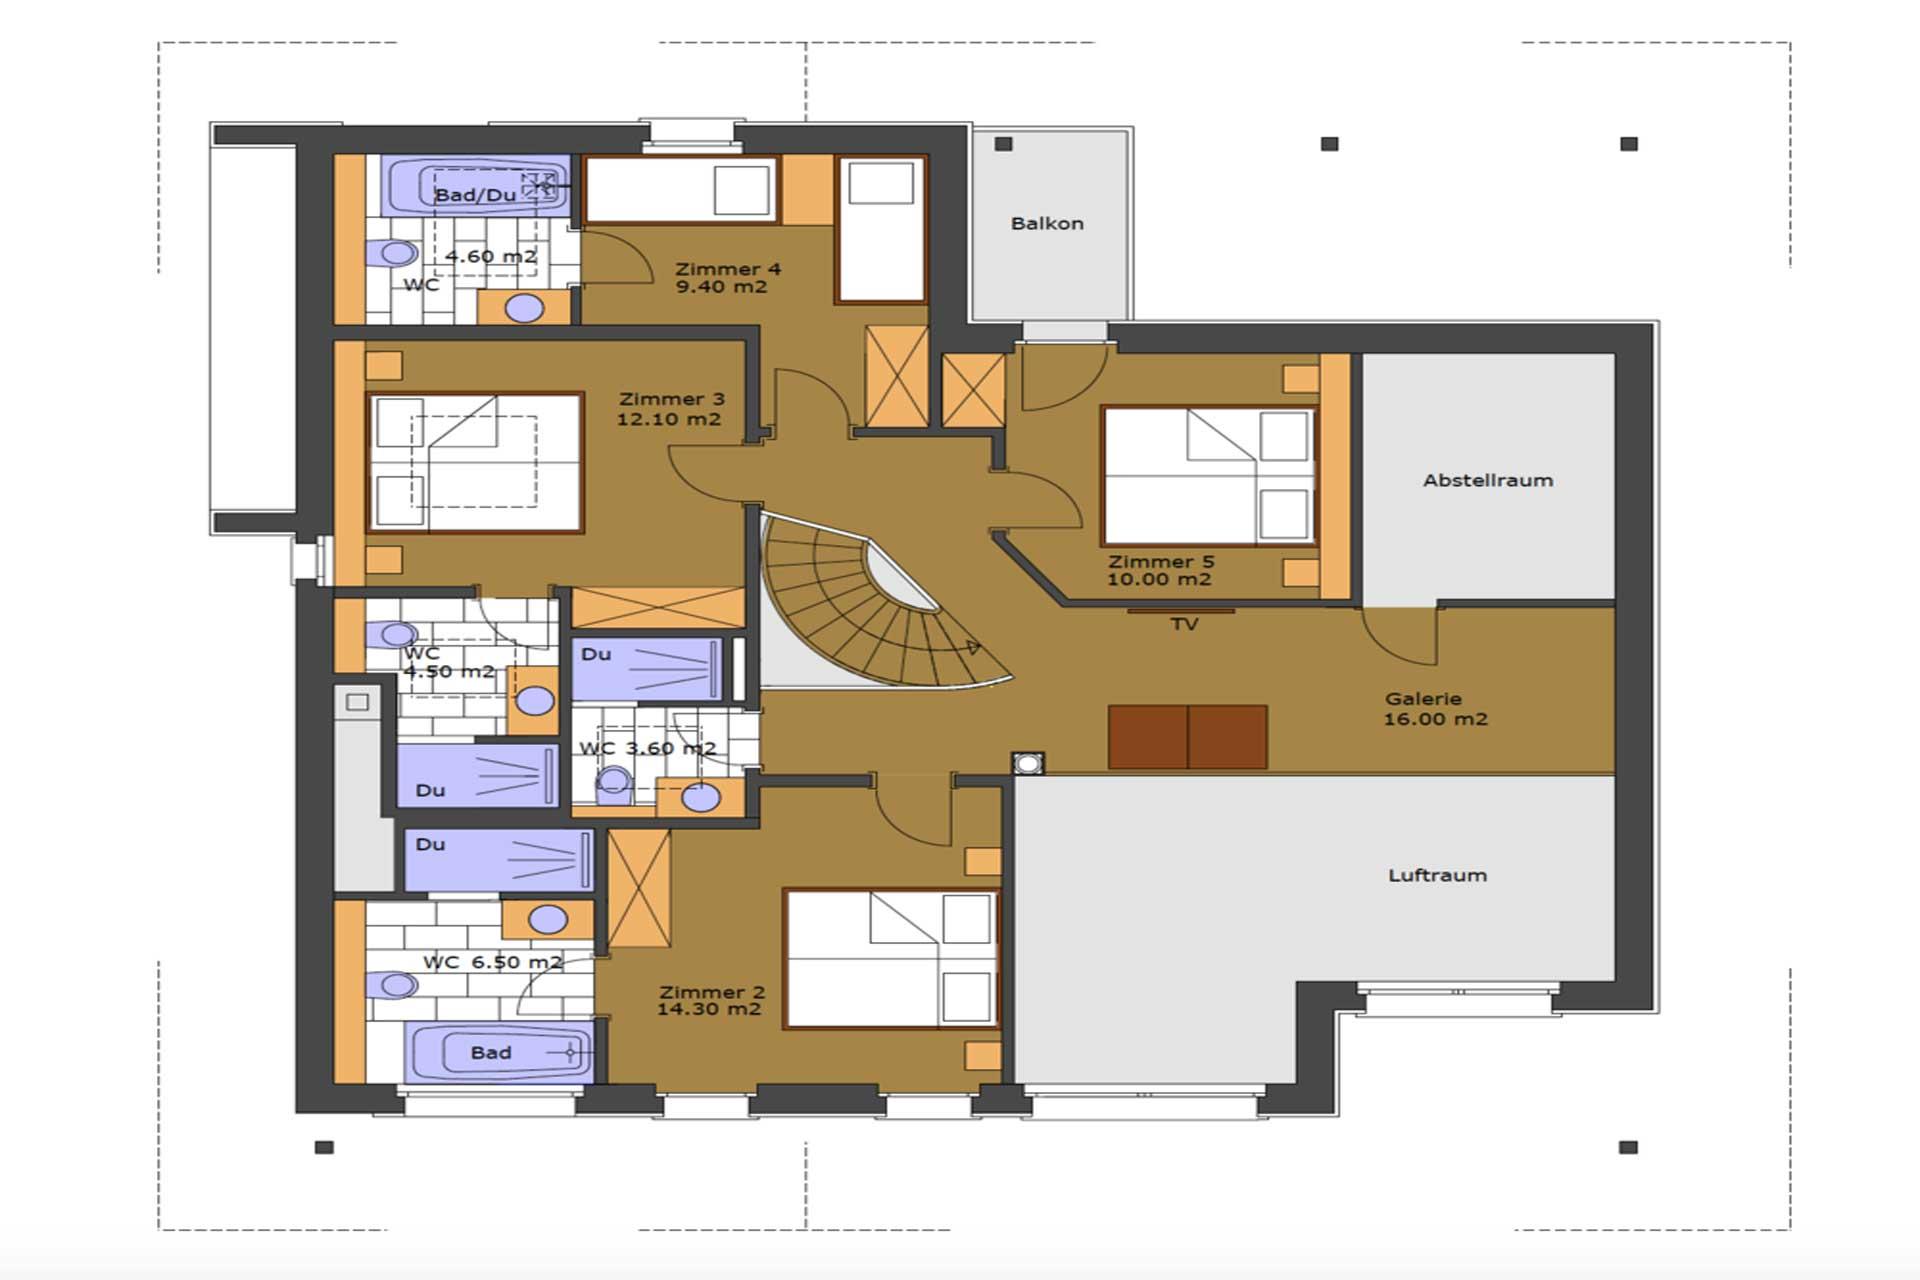 Luxus Appartement Chalet Khione Saas-Fee - Grundriss Schlafebene